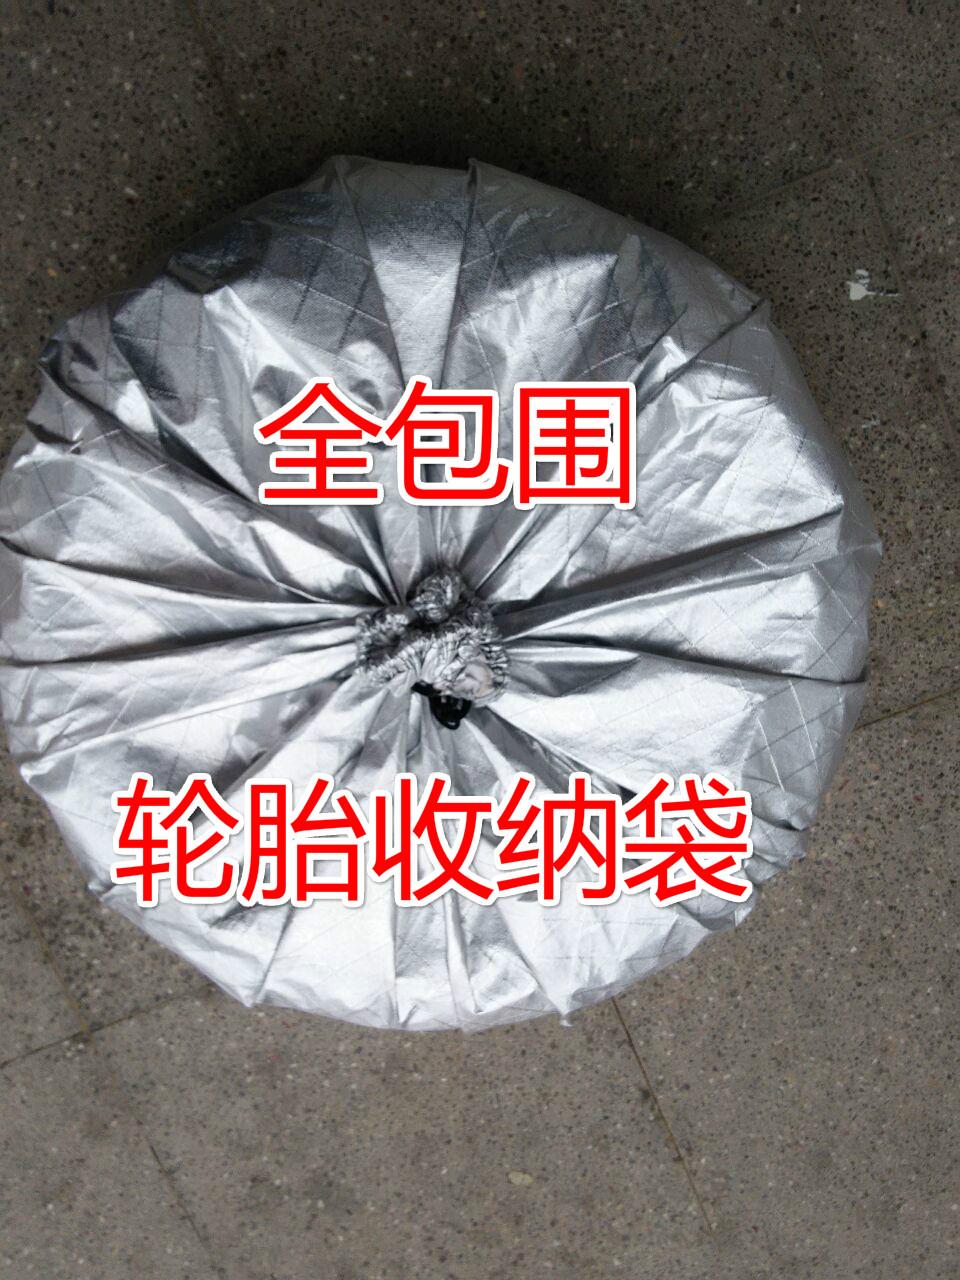 Автомобильное колесо шина Хранение склада пакет снег шина магазин пакет Сумка для защиты от дождя и пыли полностью Закрытое колесо шина накладка обложка